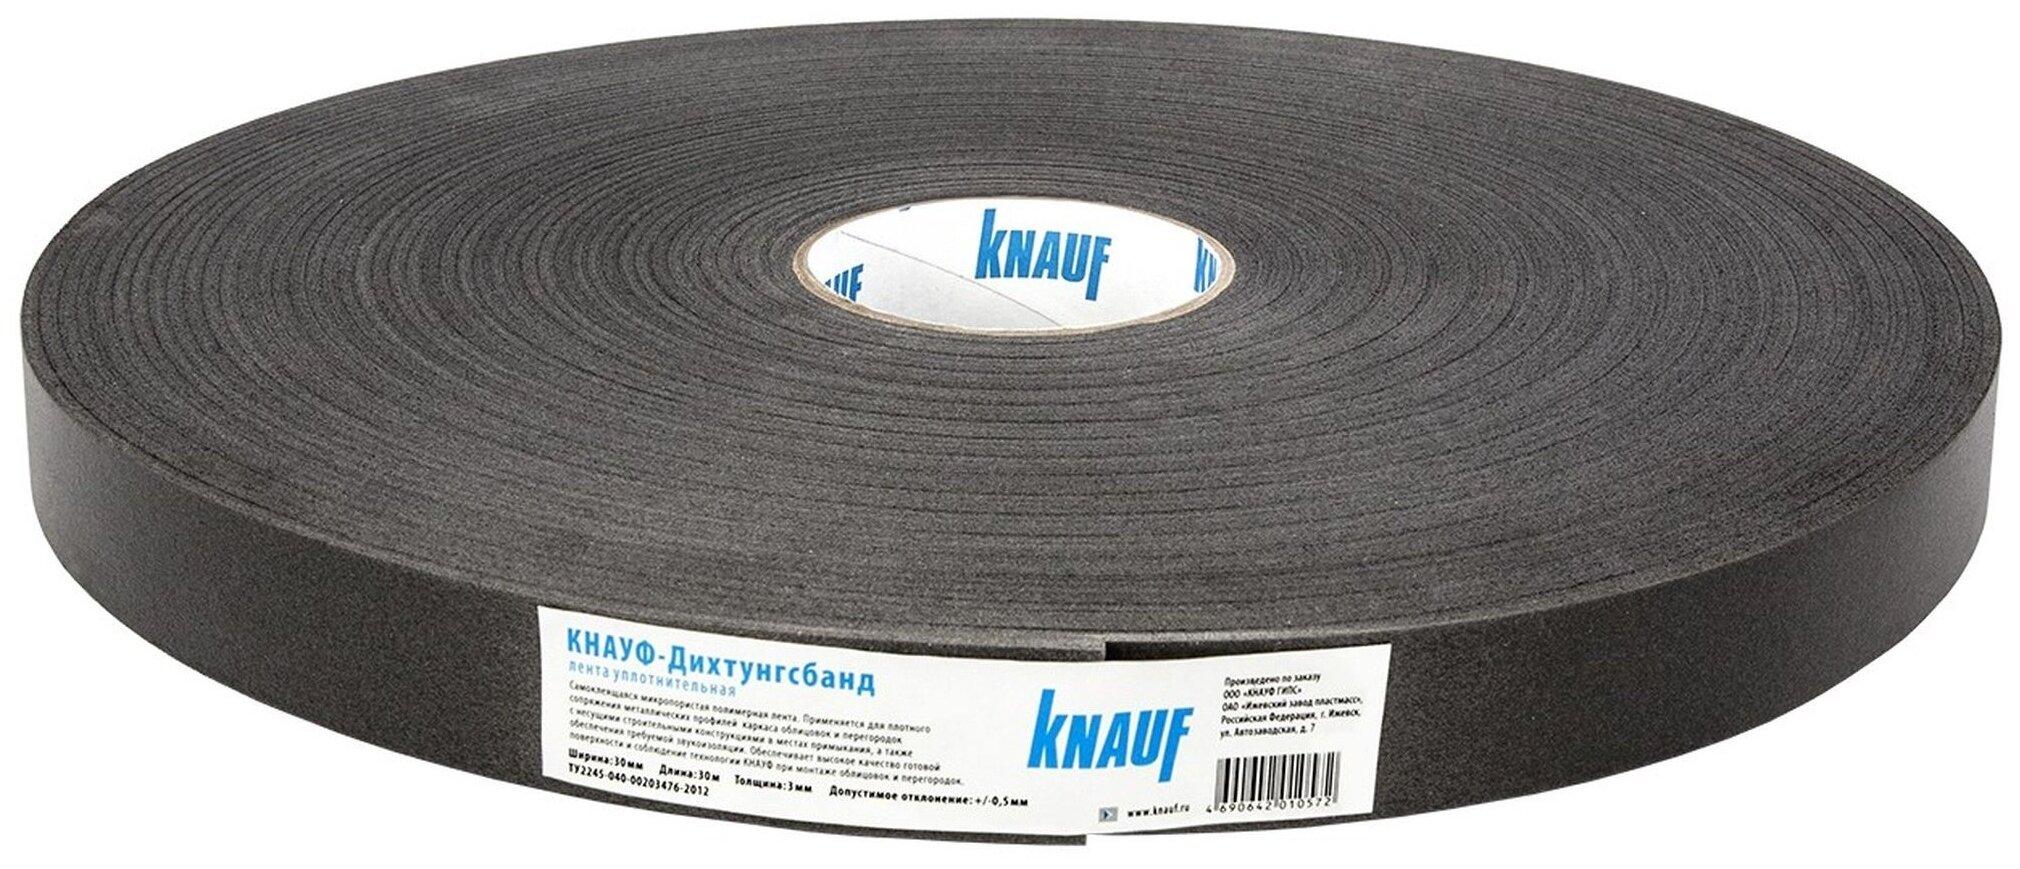 Уплотнительная лента KNAUF Дихтунгсбанд 30 мм